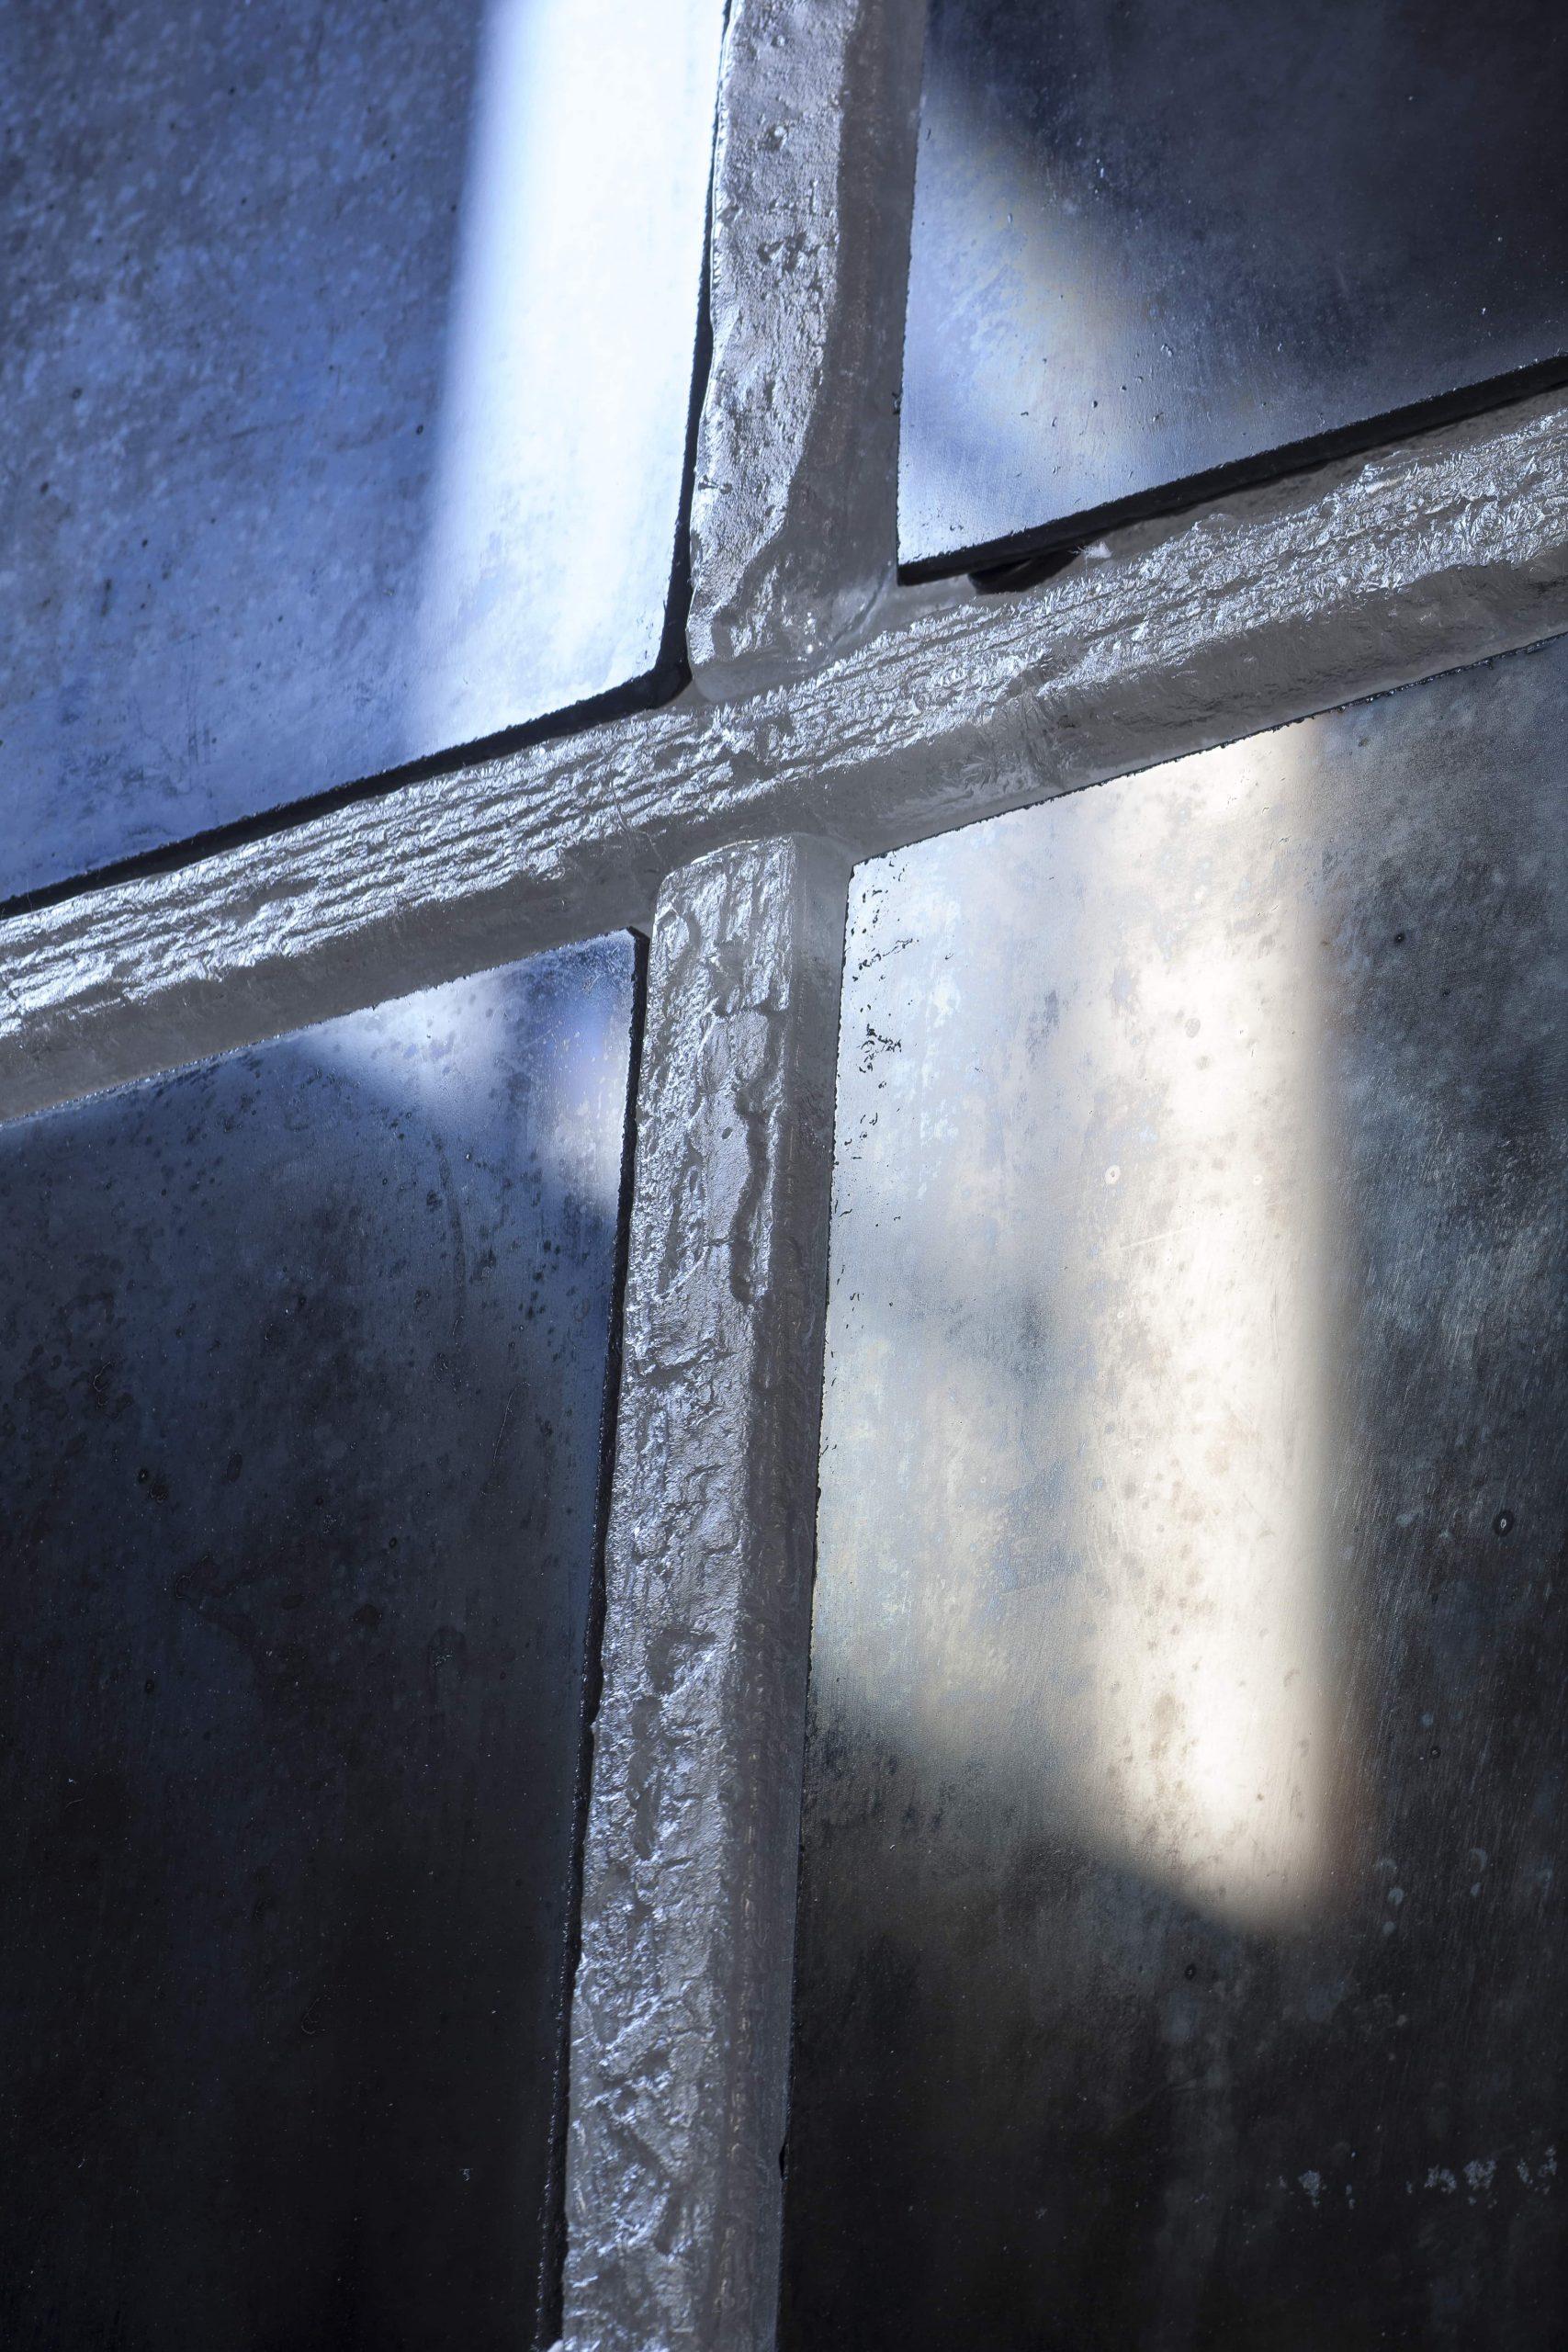 Cornelia Parker's Black Window